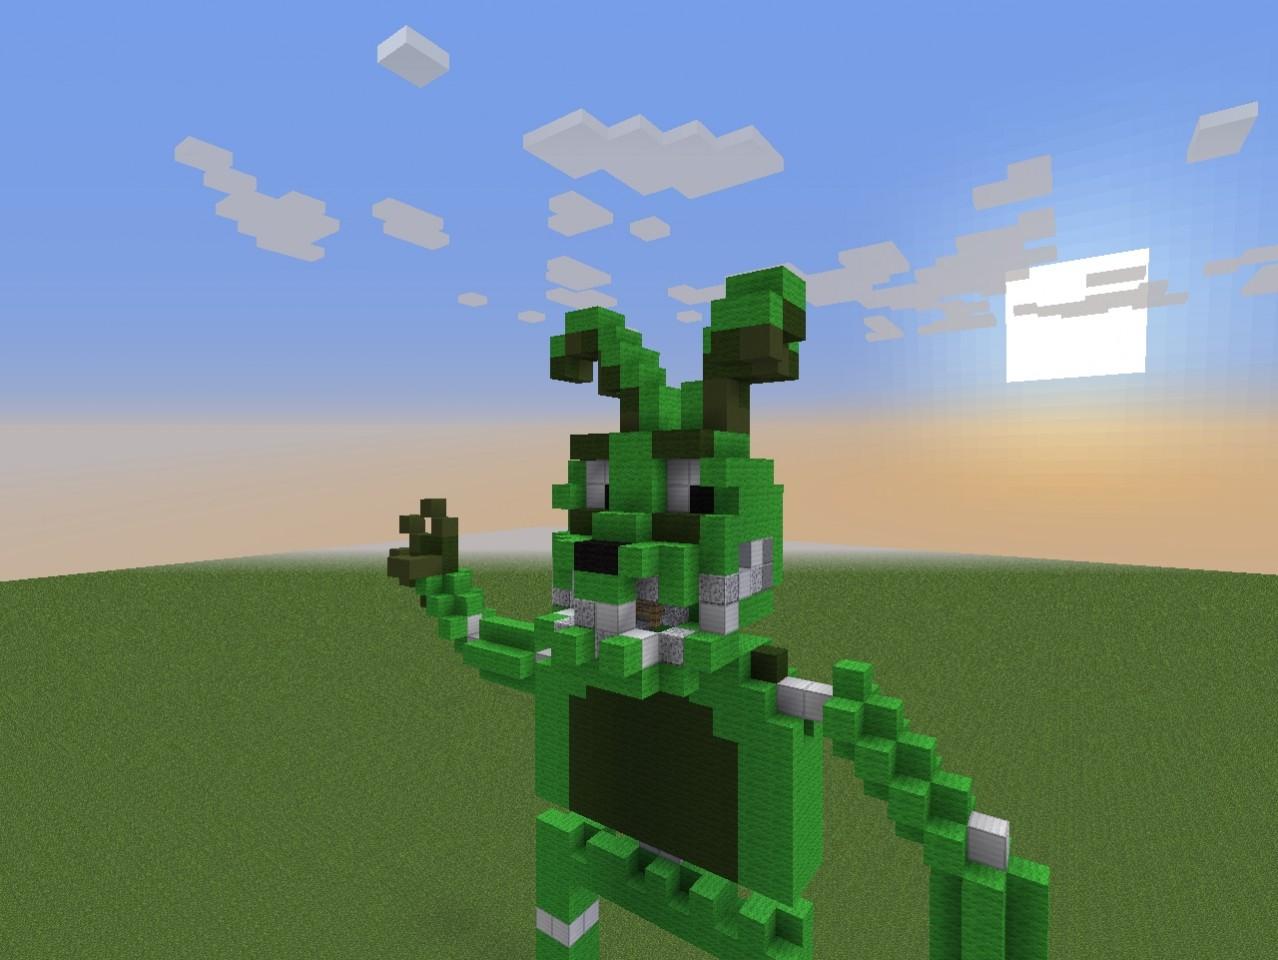 Plushtrap statue minecraft minecraft project